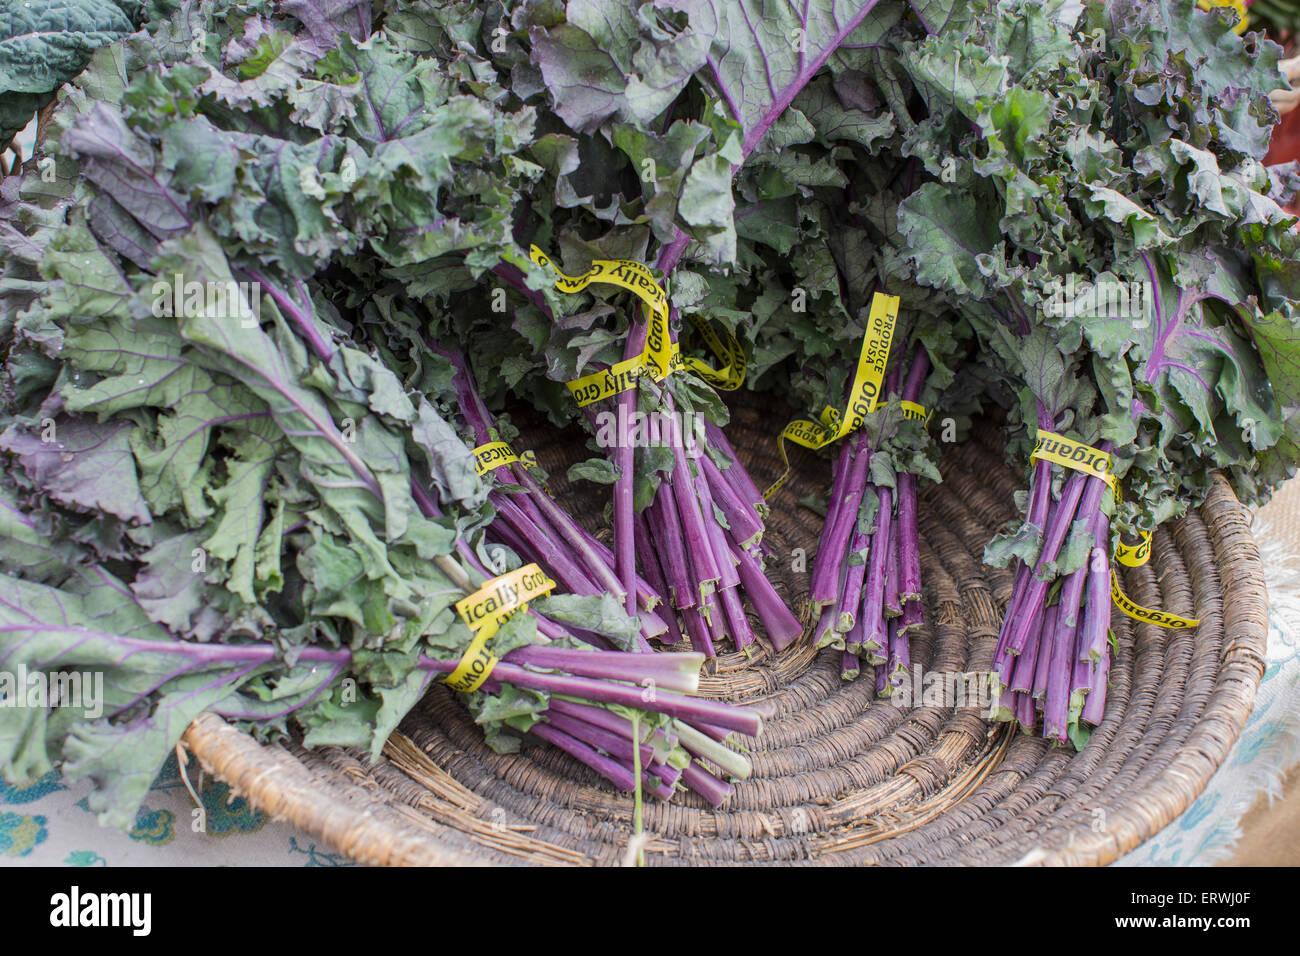 Panier de produits frais, cultivés organiquement à kale violet Ferry Building farmer's market, San Photo Stock